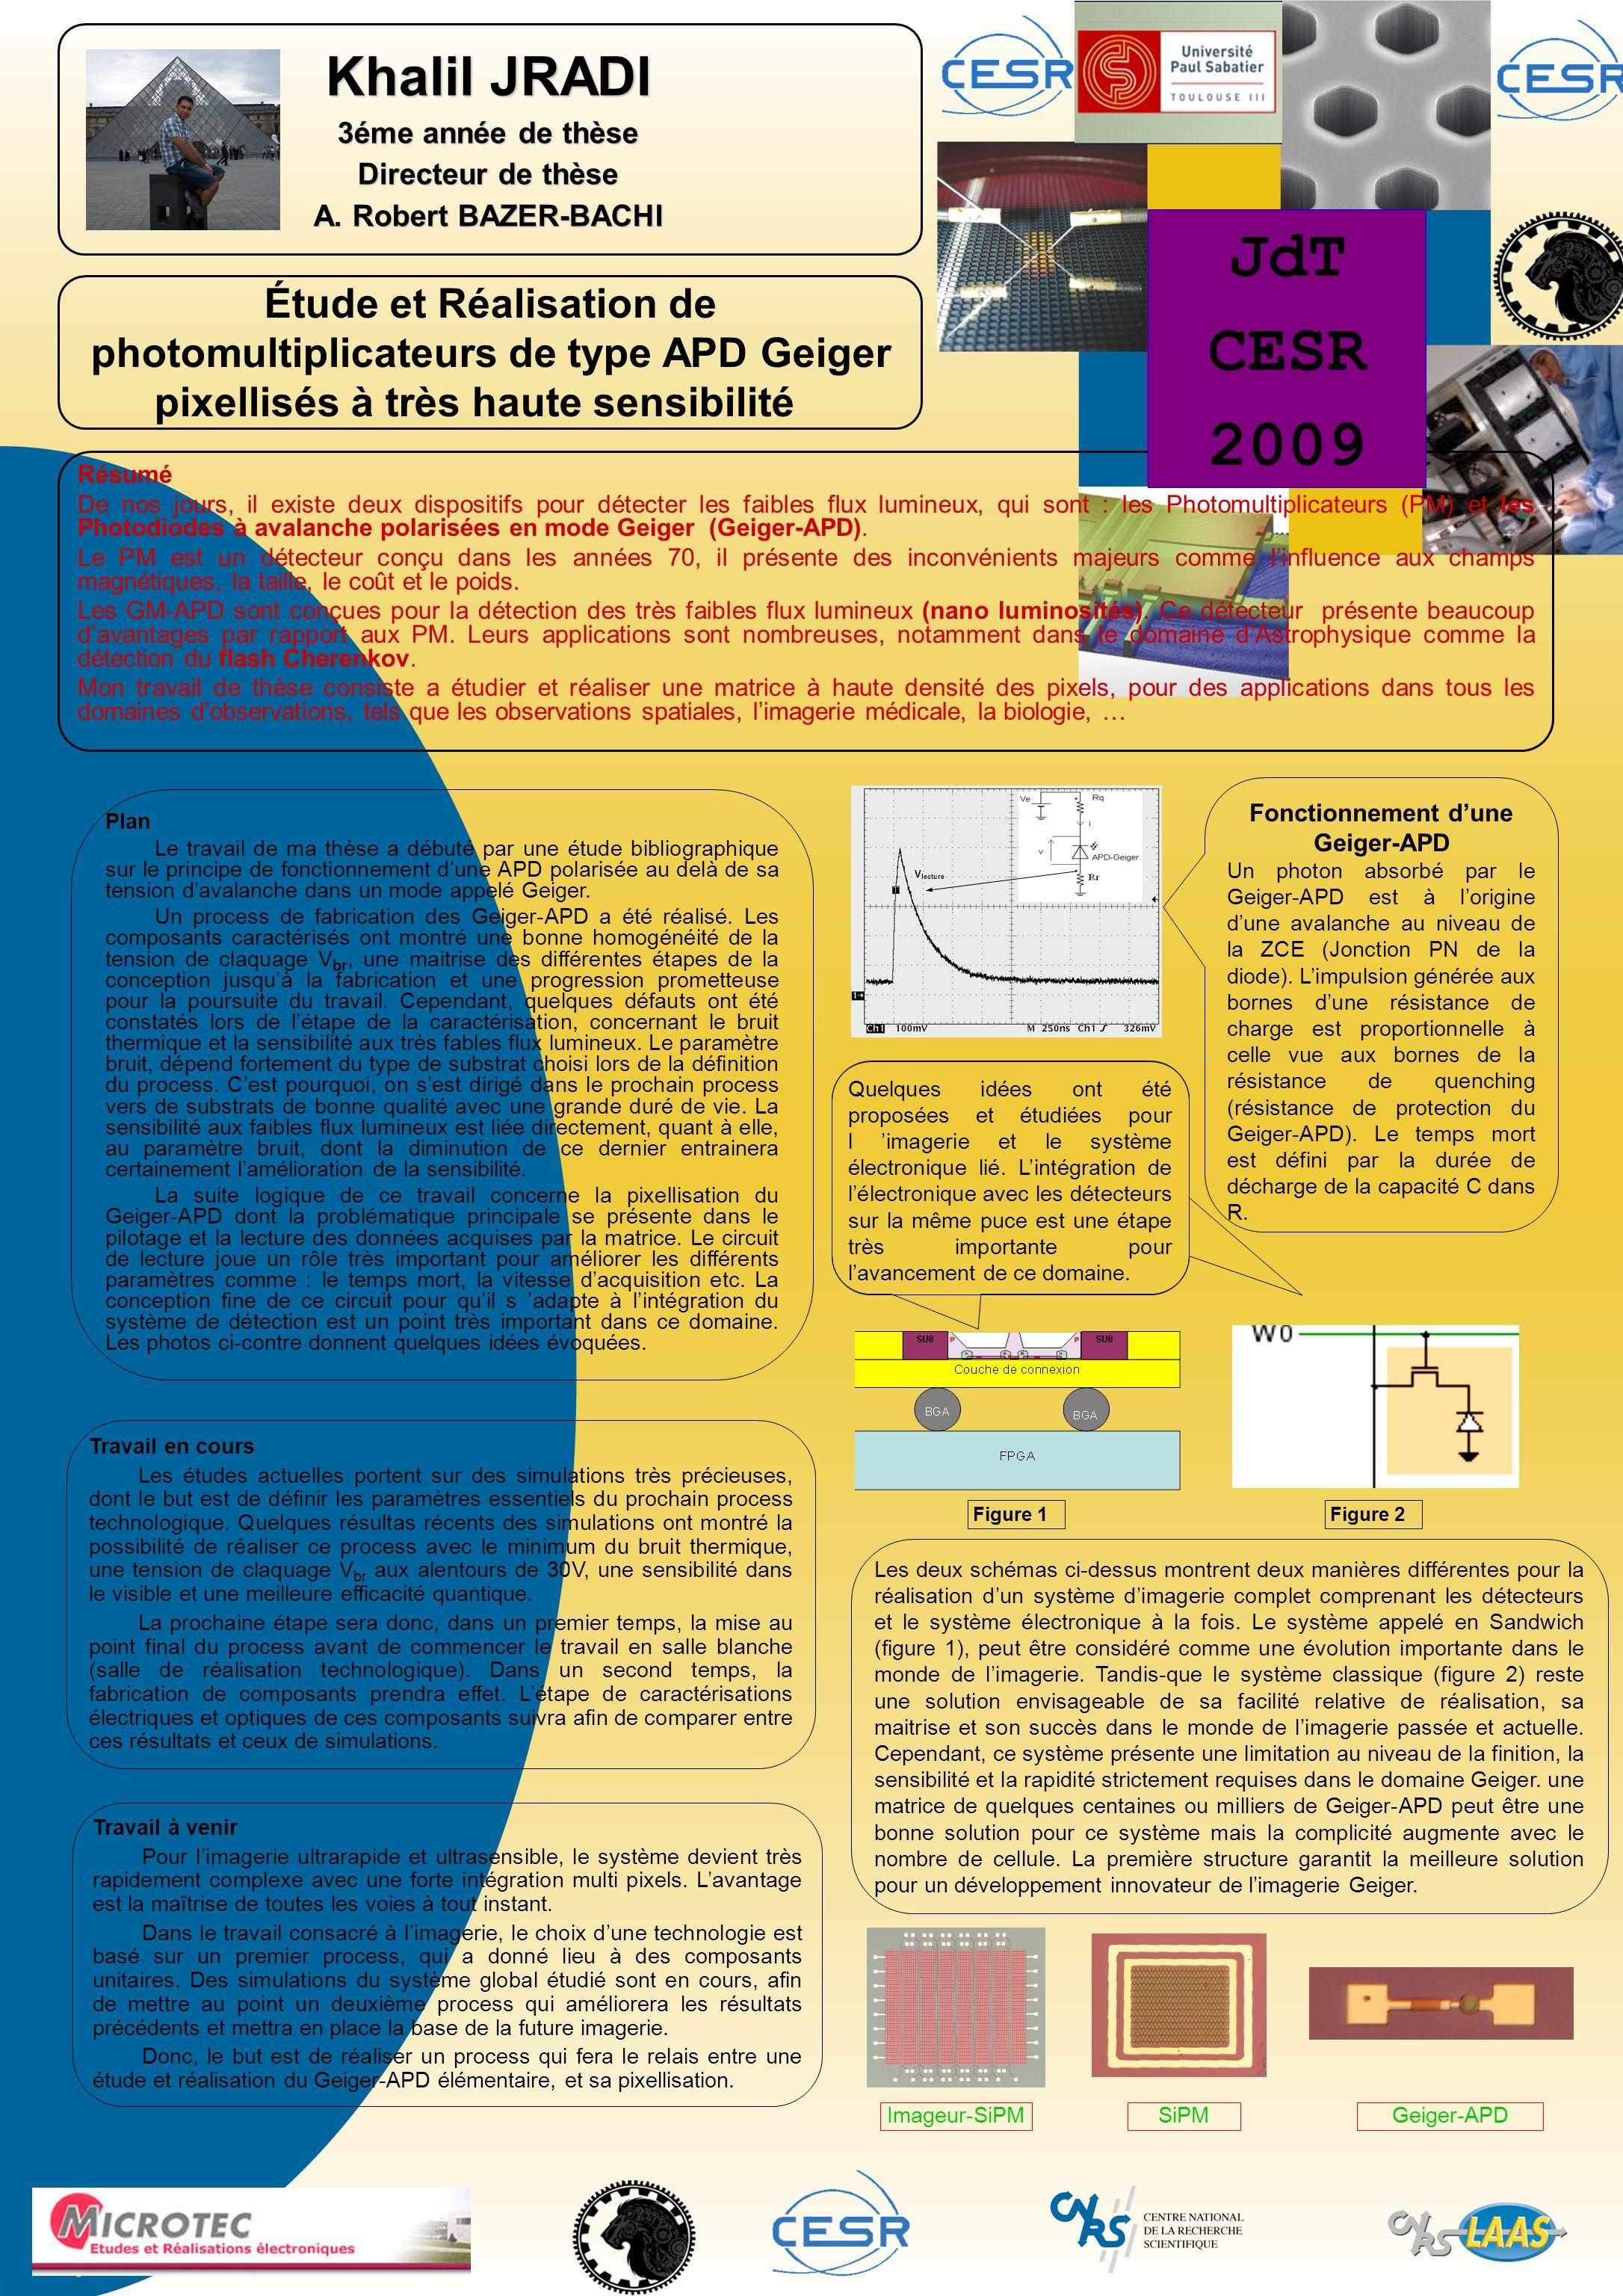 Fonctionnement d'une Geiger-APD